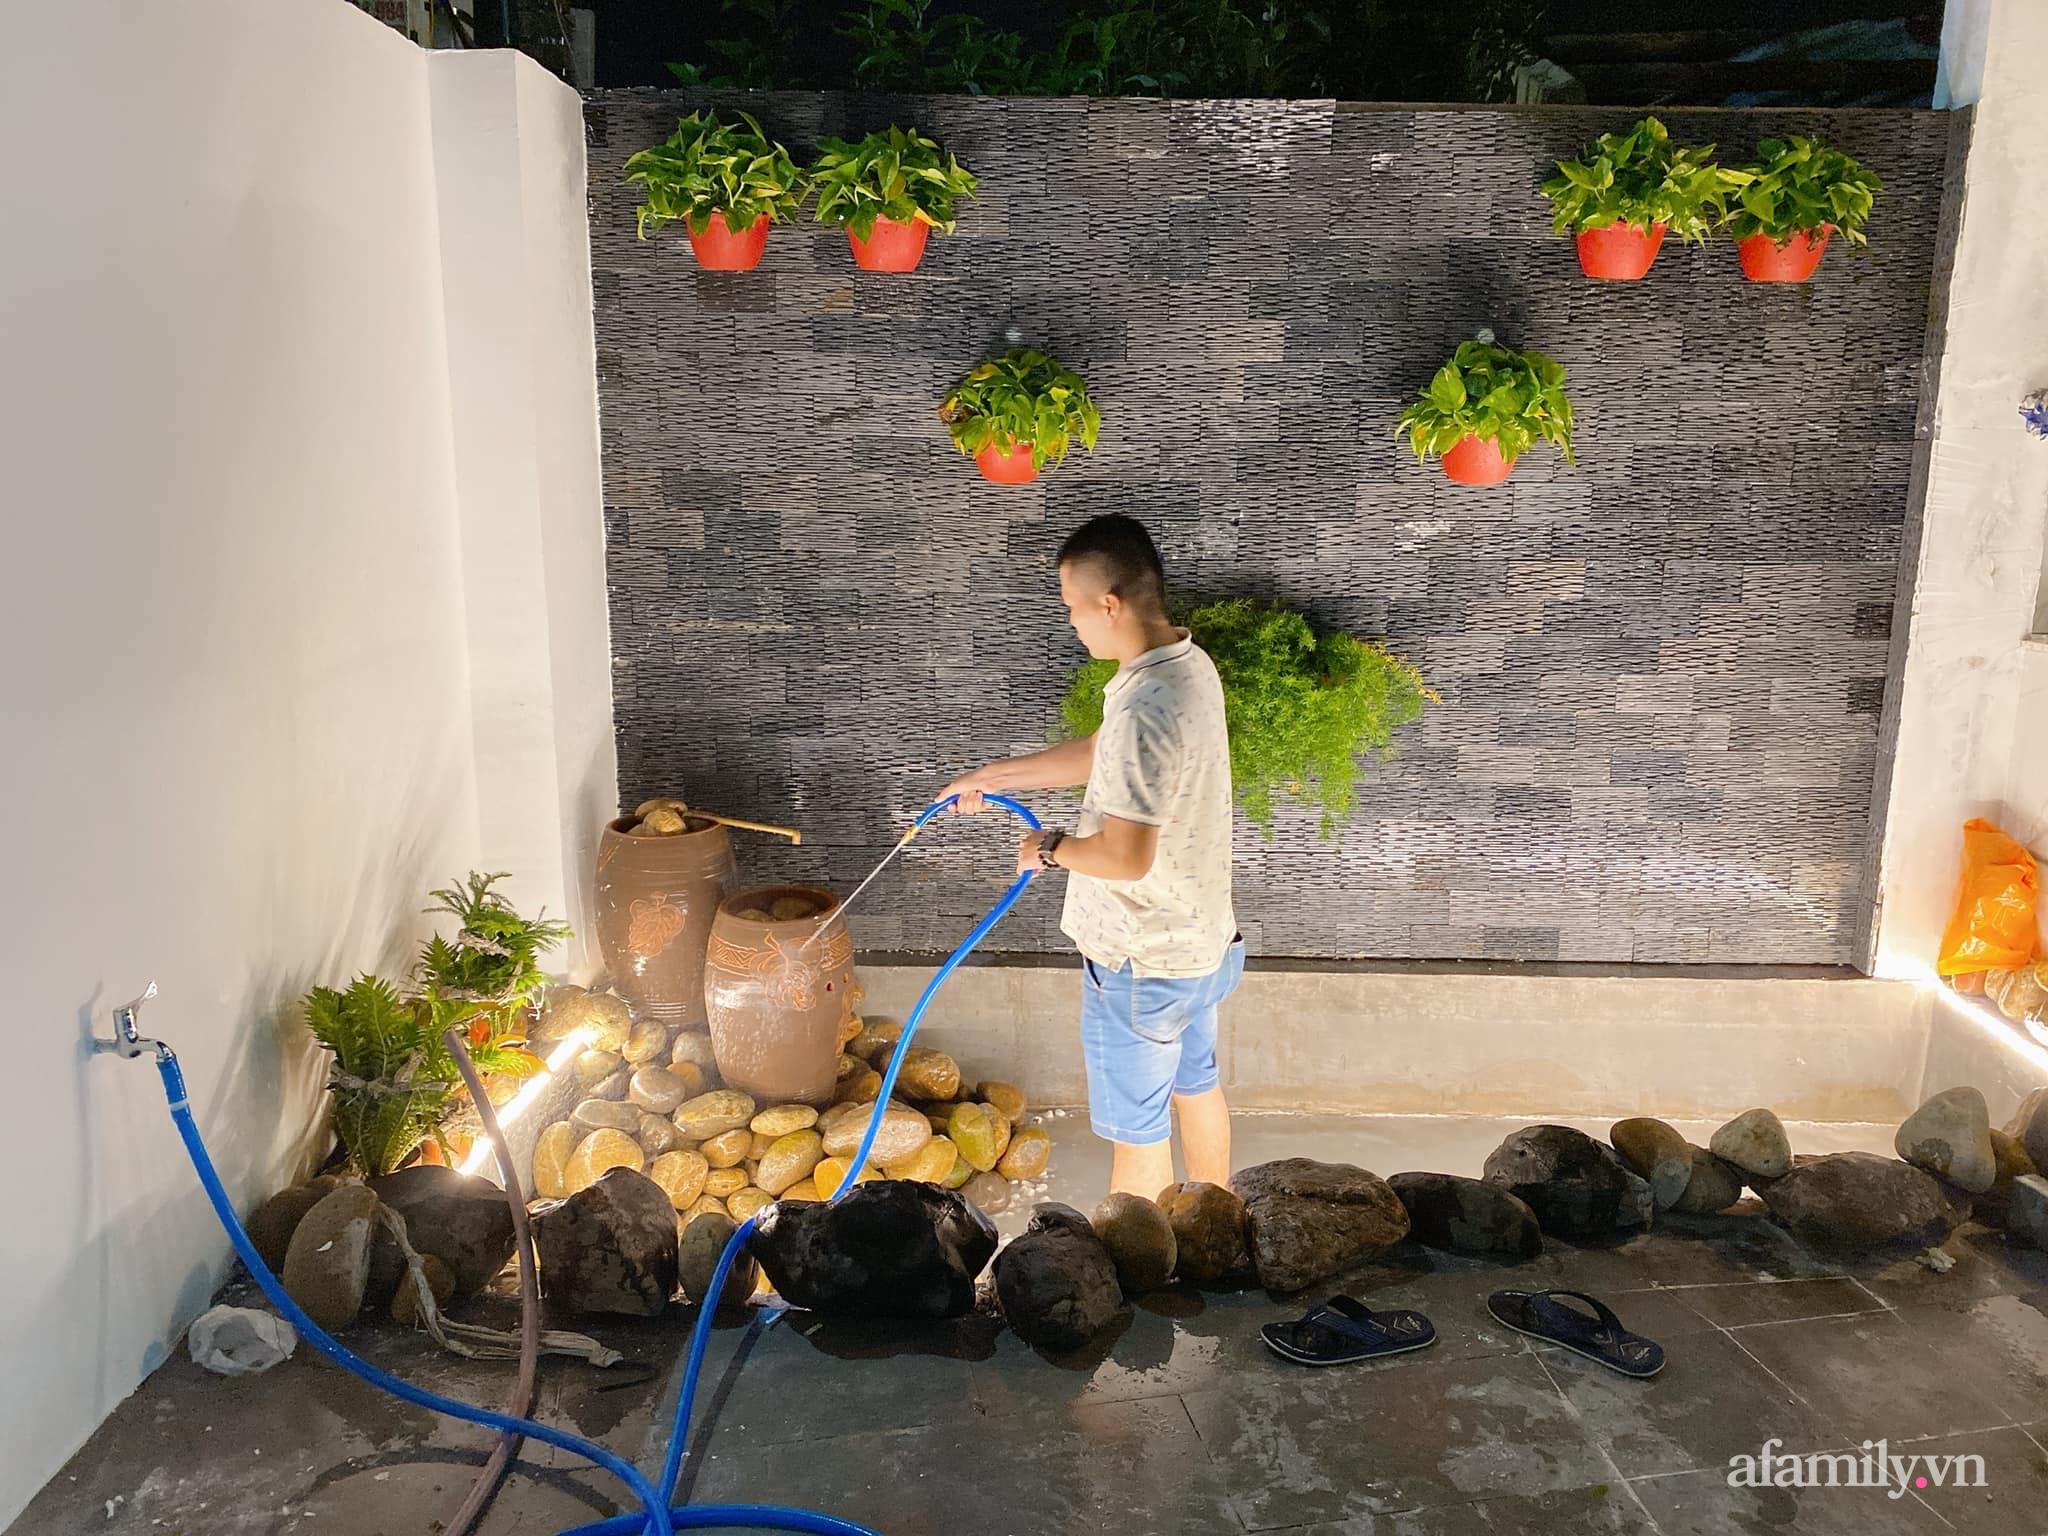 Nhà cấp 4 xây theo mô hình chống bão của cặp vợ chồng trẻ người Quảng Ngãi gây xôn xao vì đẹp như hình tạp chí, chính chủ tiết lộ chi phí gần 1,2 tỷ đồng - Ảnh 6.